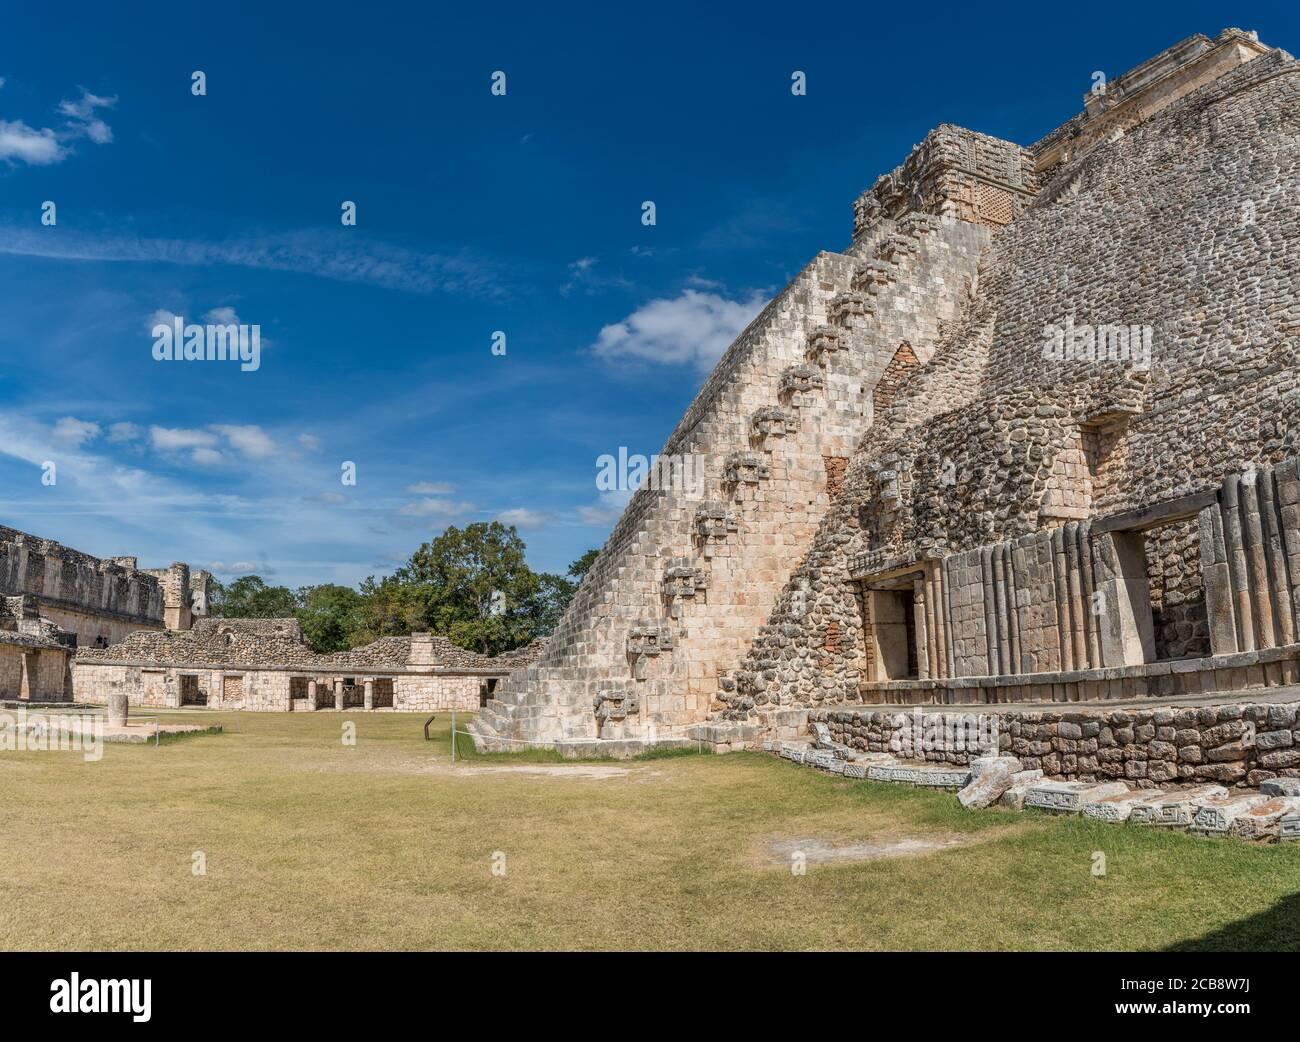 El lado oeste de la Pirámide del Mago se enfrenta al cuadrilátero de las aves en las ruinas de la ciudad maya de Uxmal en Yucatán, México. Pre-Hispan Foto de stock